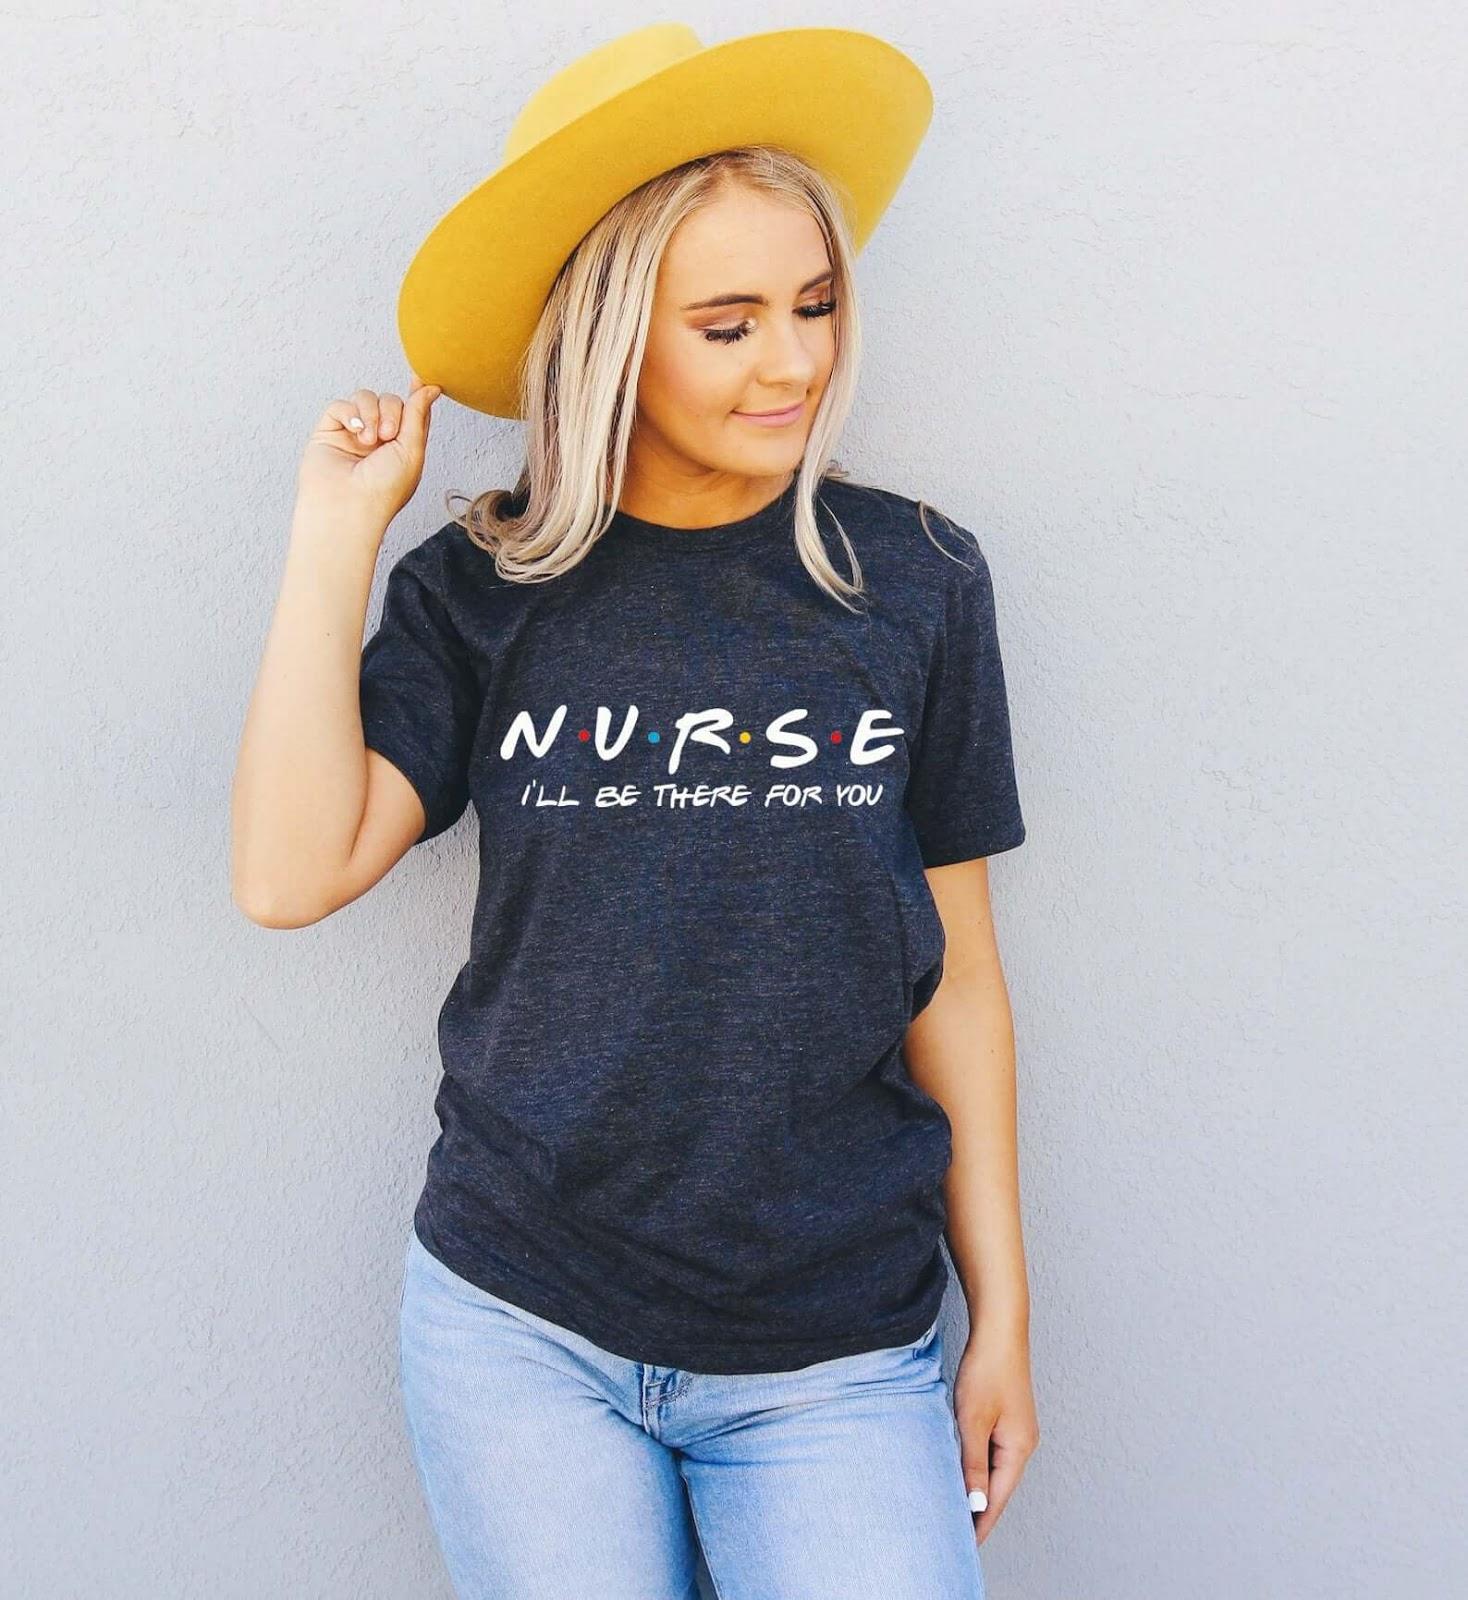 Nurse Friends t-shirt